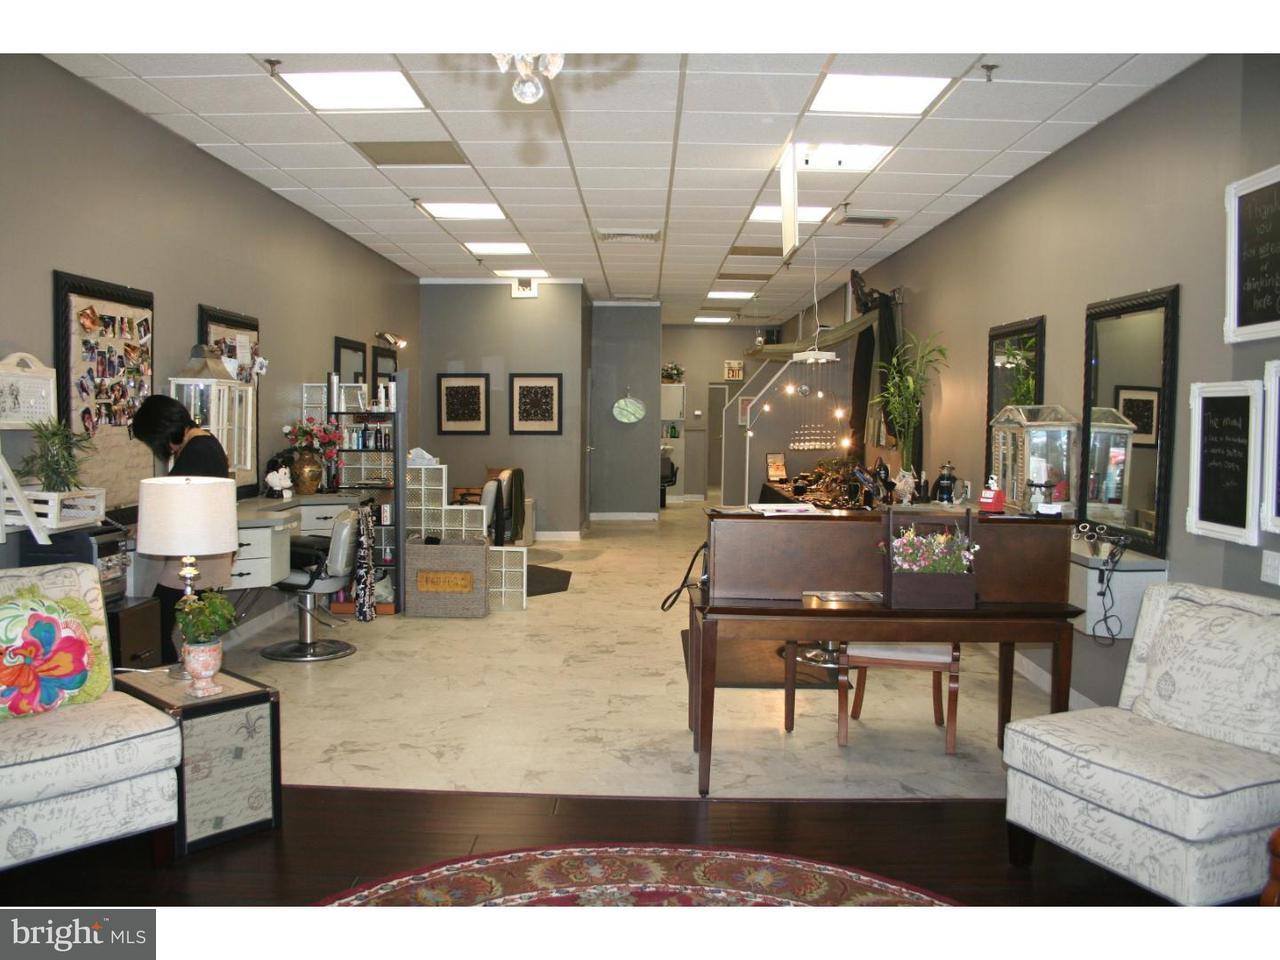 Частный односемейный дом для того Продажа на 64 PRINCETON HIGHTSTOWN RD #D Princeton Junction, Нью-Джерси 08550 Соединенные ШтатыВ/Около: West Windsor Twp